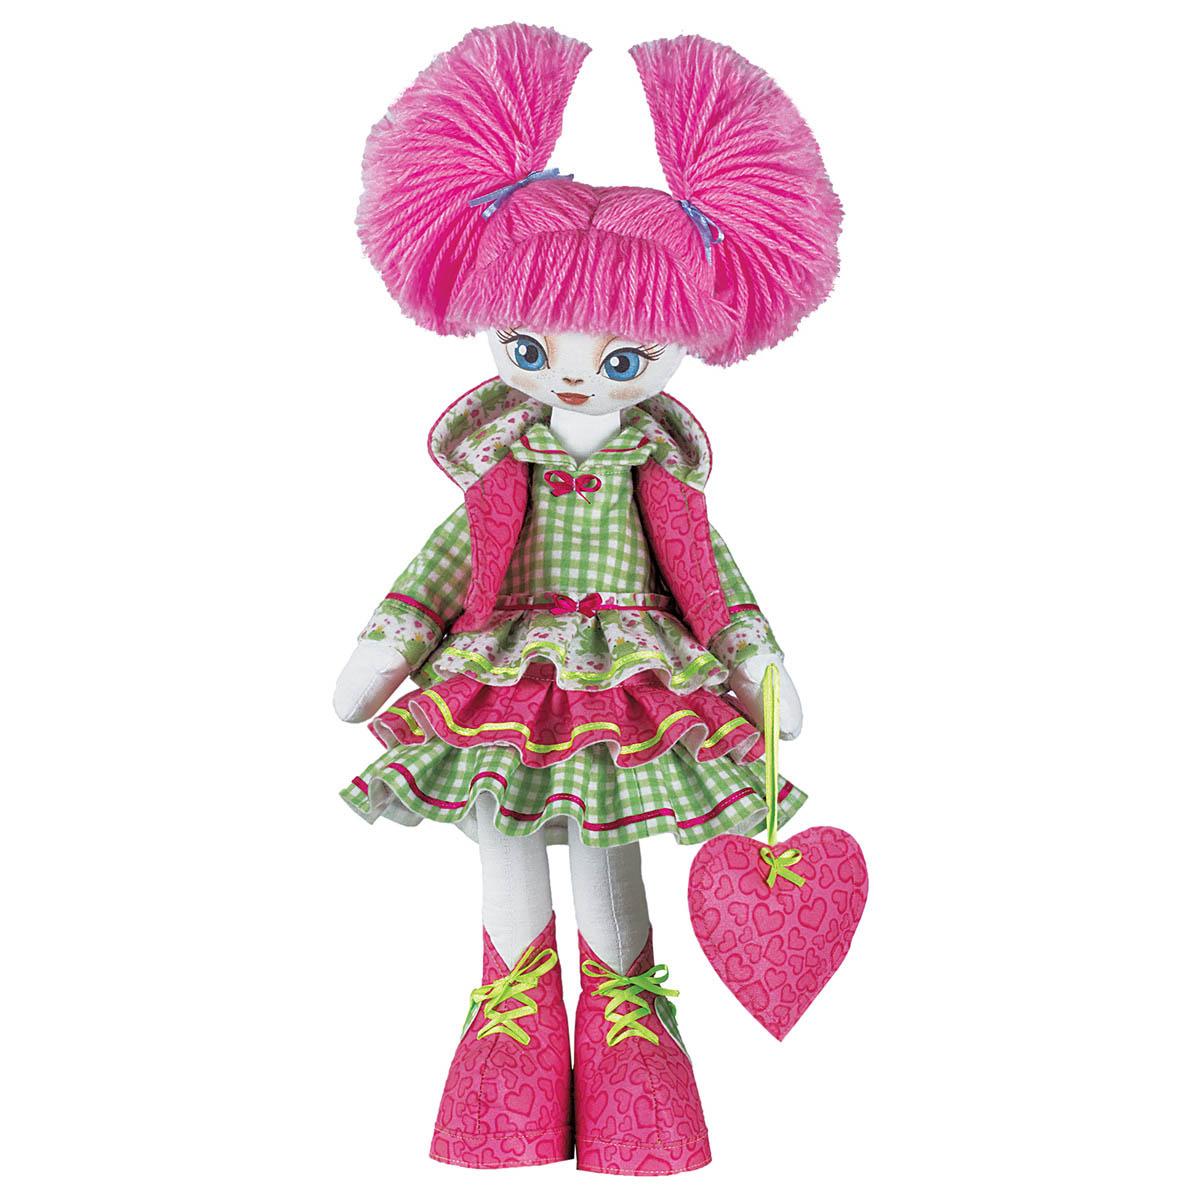 К1001 Набор для создания каркасной текстильной куклы 'Милашка'45см